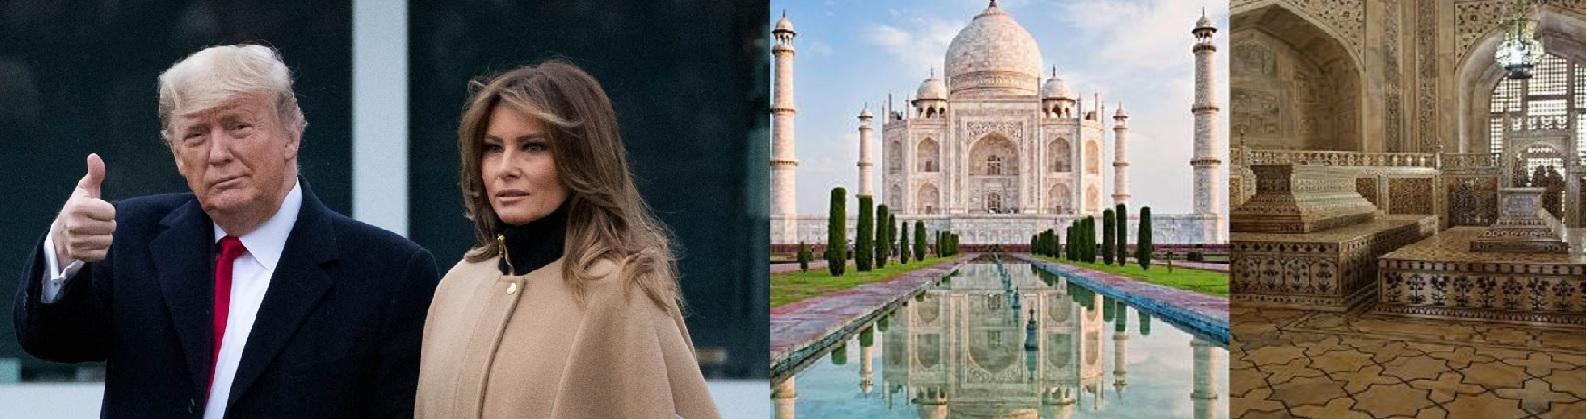 Taj Mahal trump_1&n